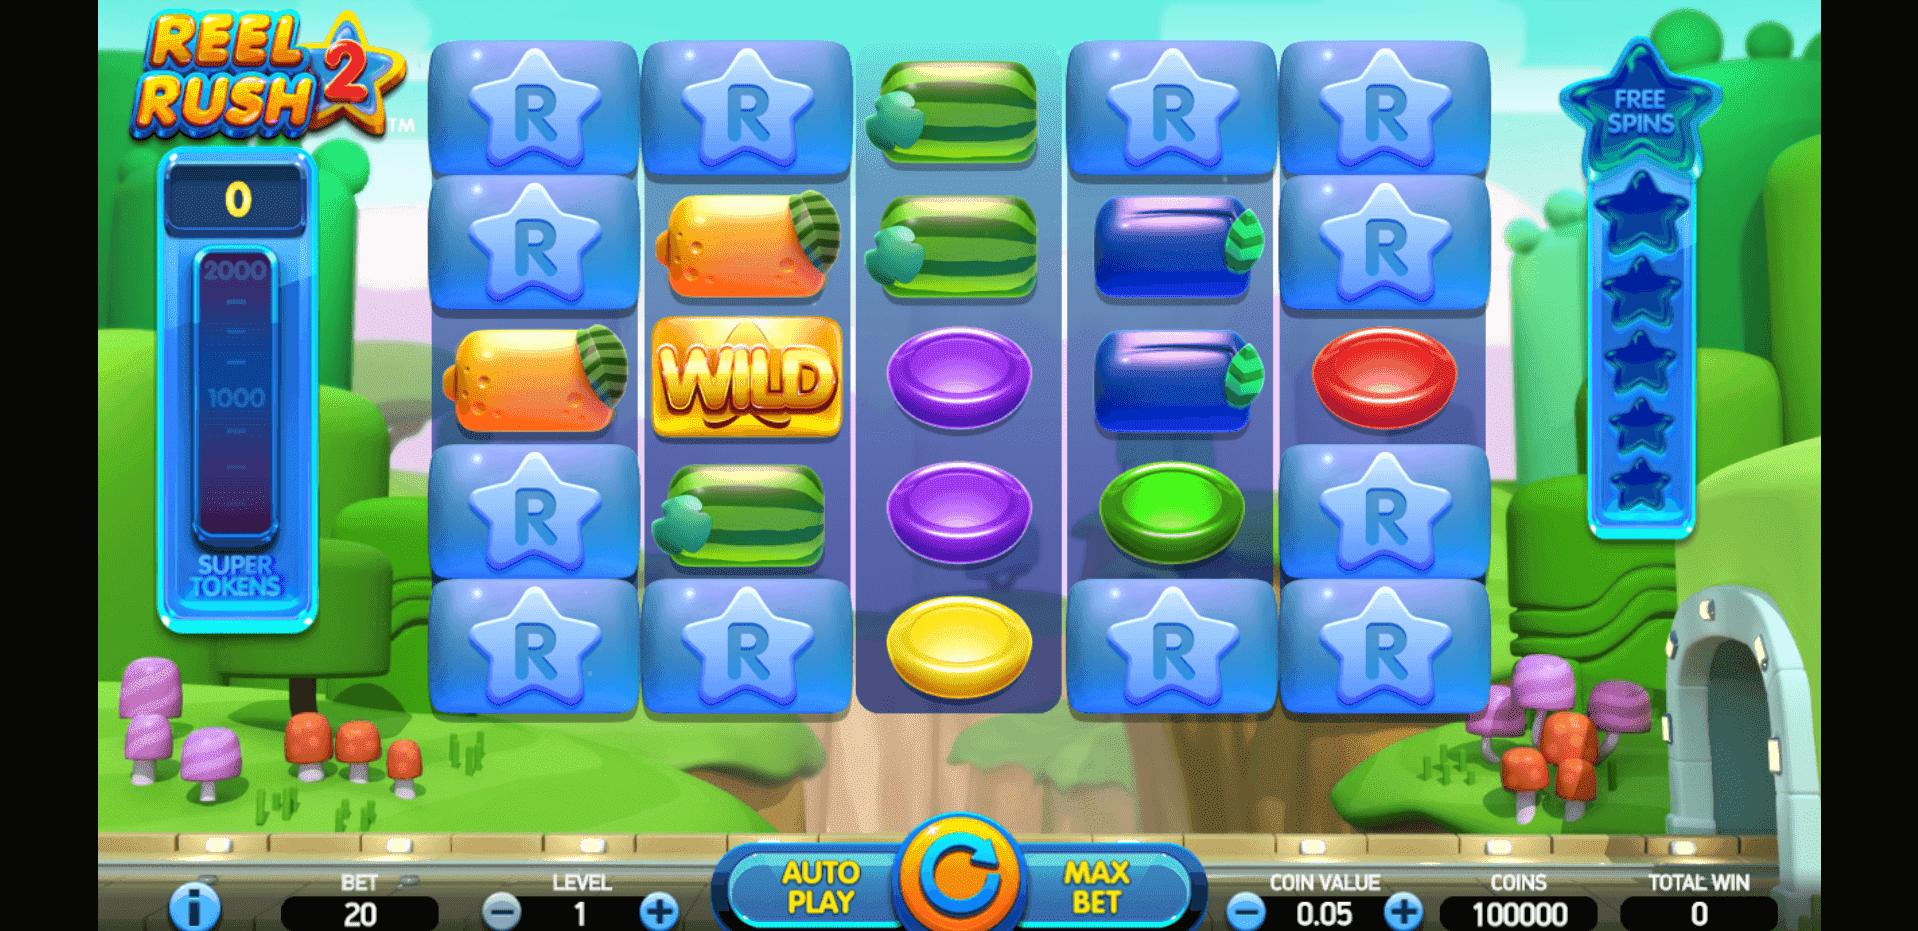 Reel Rush 2 slot machine screenshot